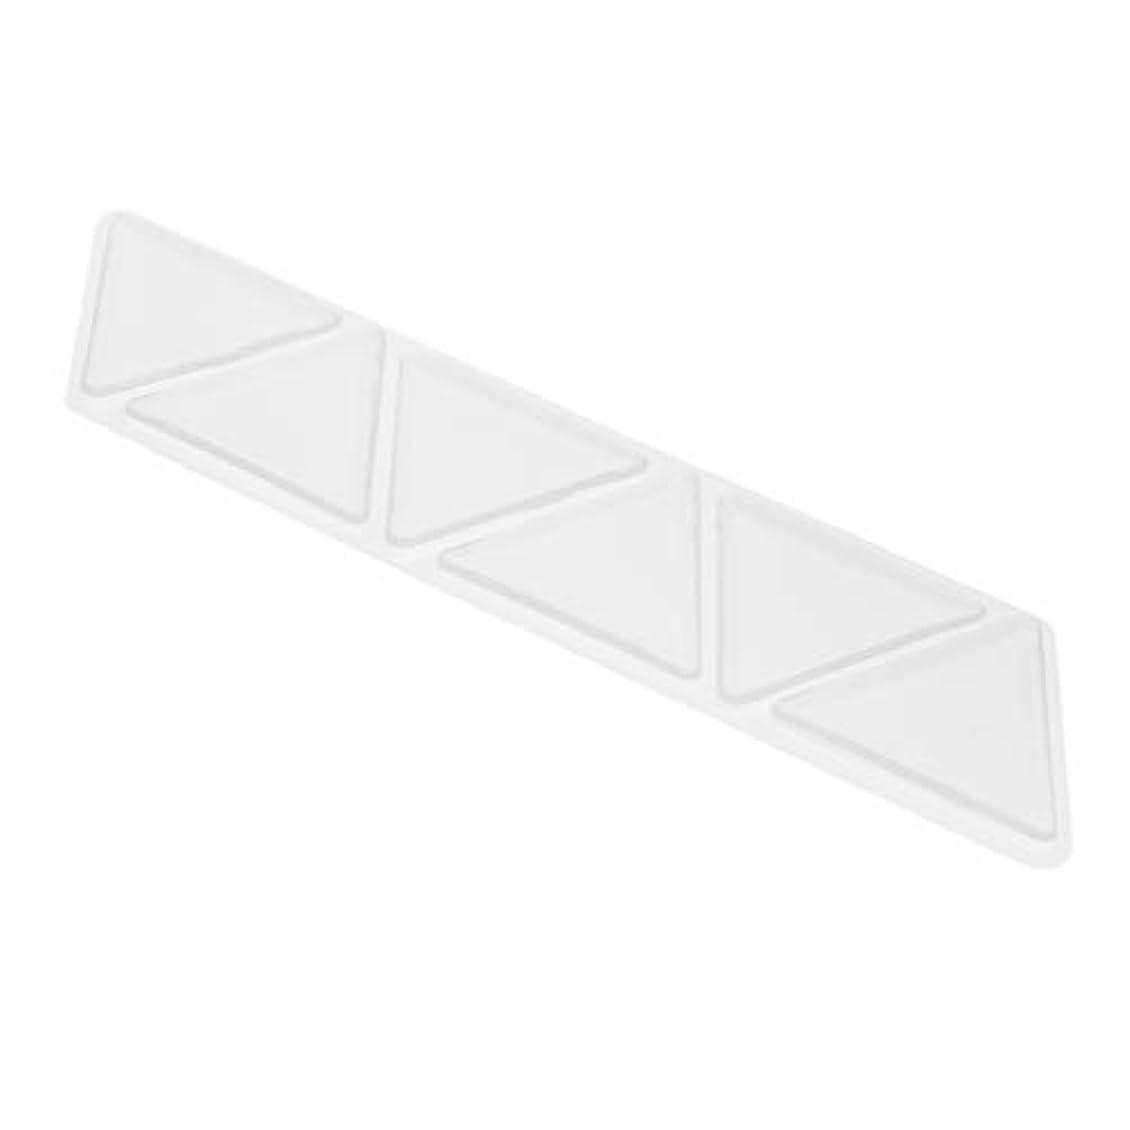 うなずく体ブランド名シリコーン アンチリンクル 額 パッド パッチスキンケア 三角パッド 6個セット